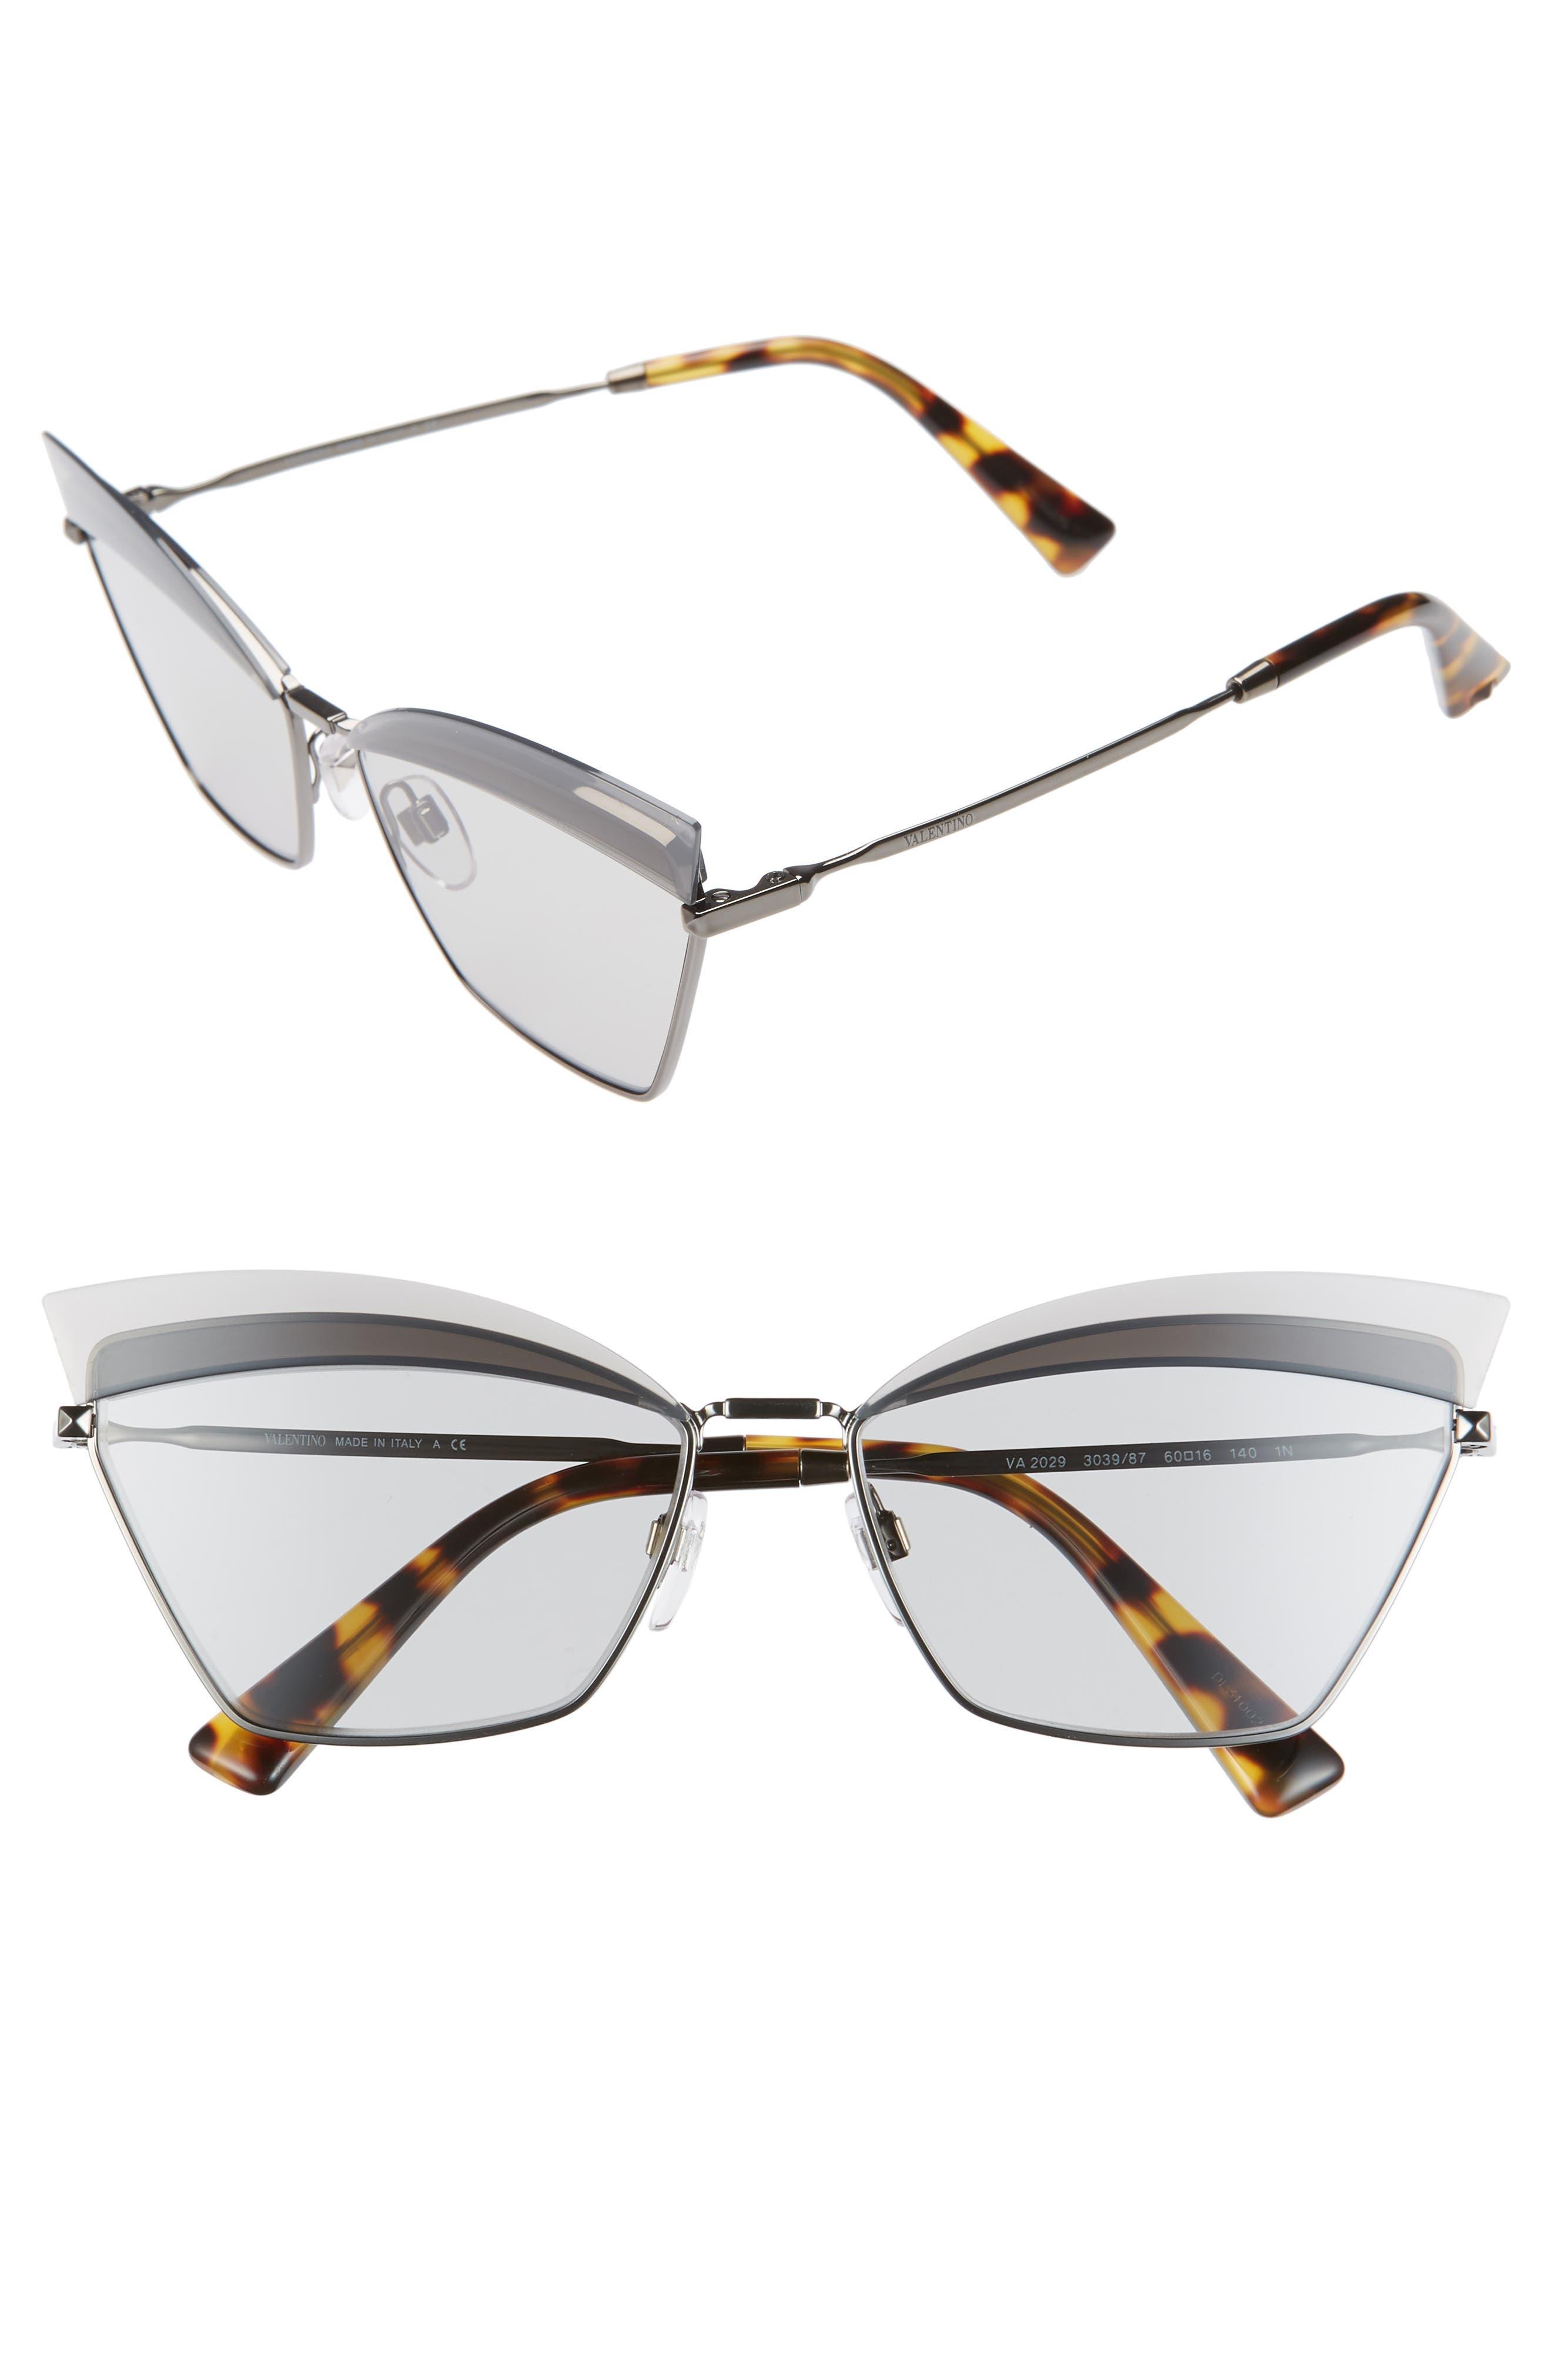 Valentino 60Mm Cat Eye Sunglasses - Dark Grey